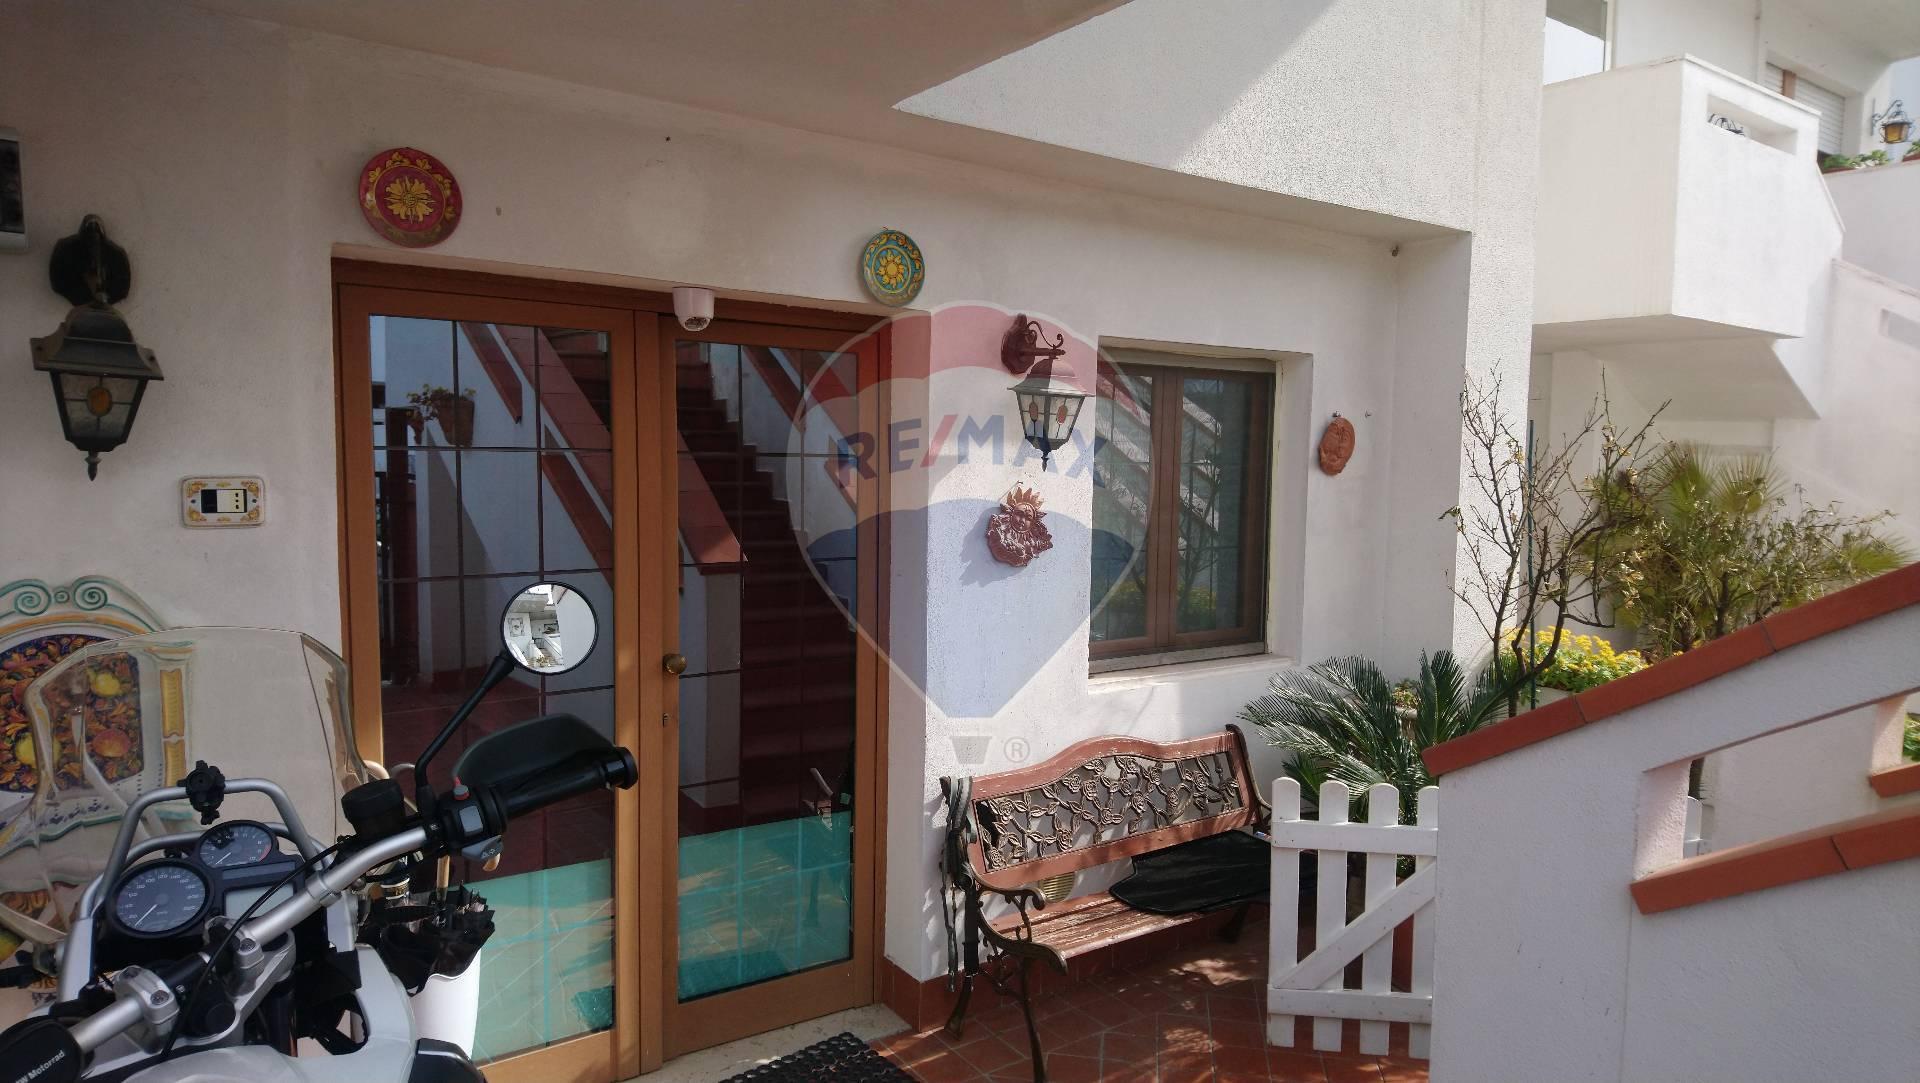 Appartamento in vendita a Francavilla al Mare, 2 locali, zona Località: Centro, prezzo € 78.000 | CambioCasa.it